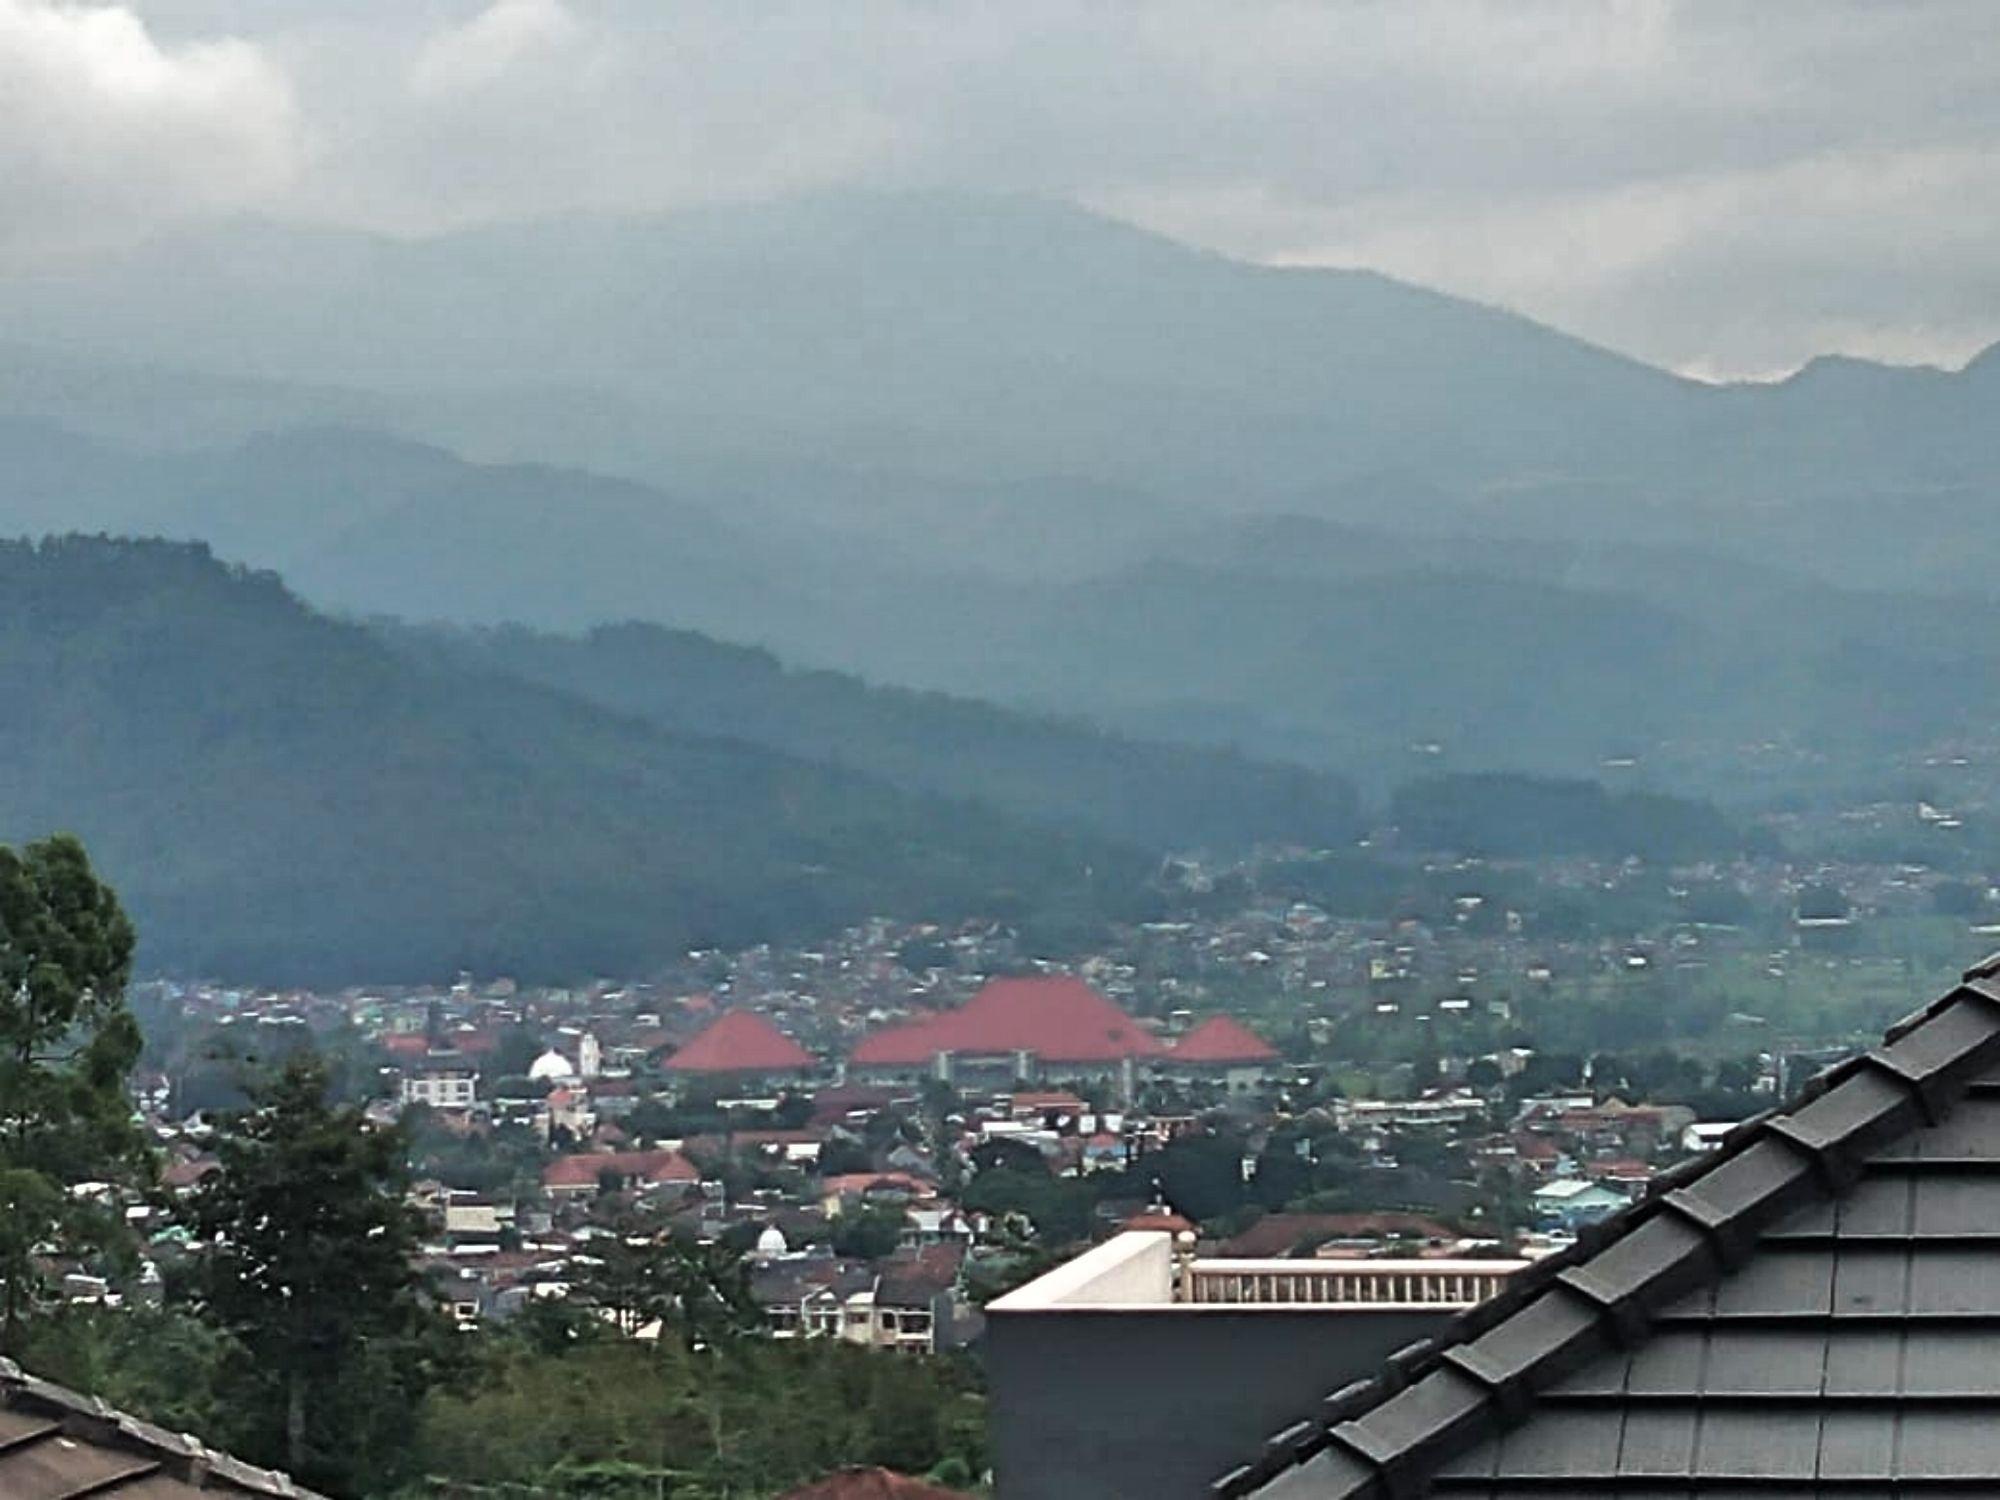 villa bsf batu memiliki pemandangan atau view yang bagus yaitu gunung dan kota